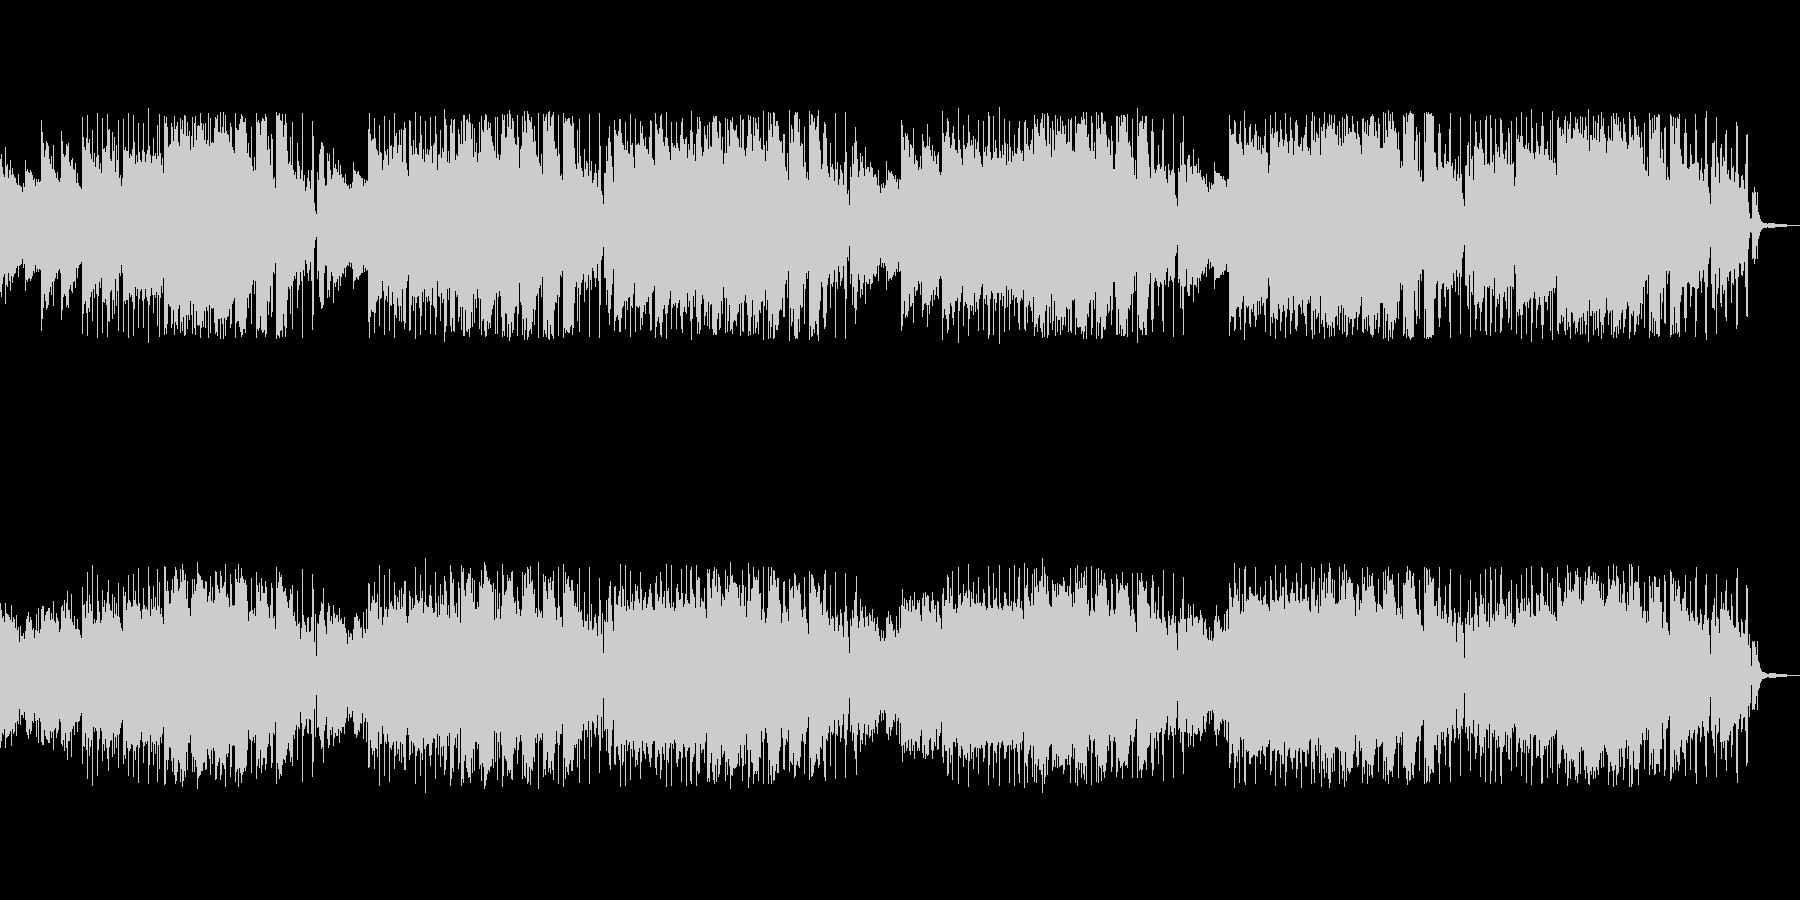 リンゴの木をイメージした感じの曲の未再生の波形